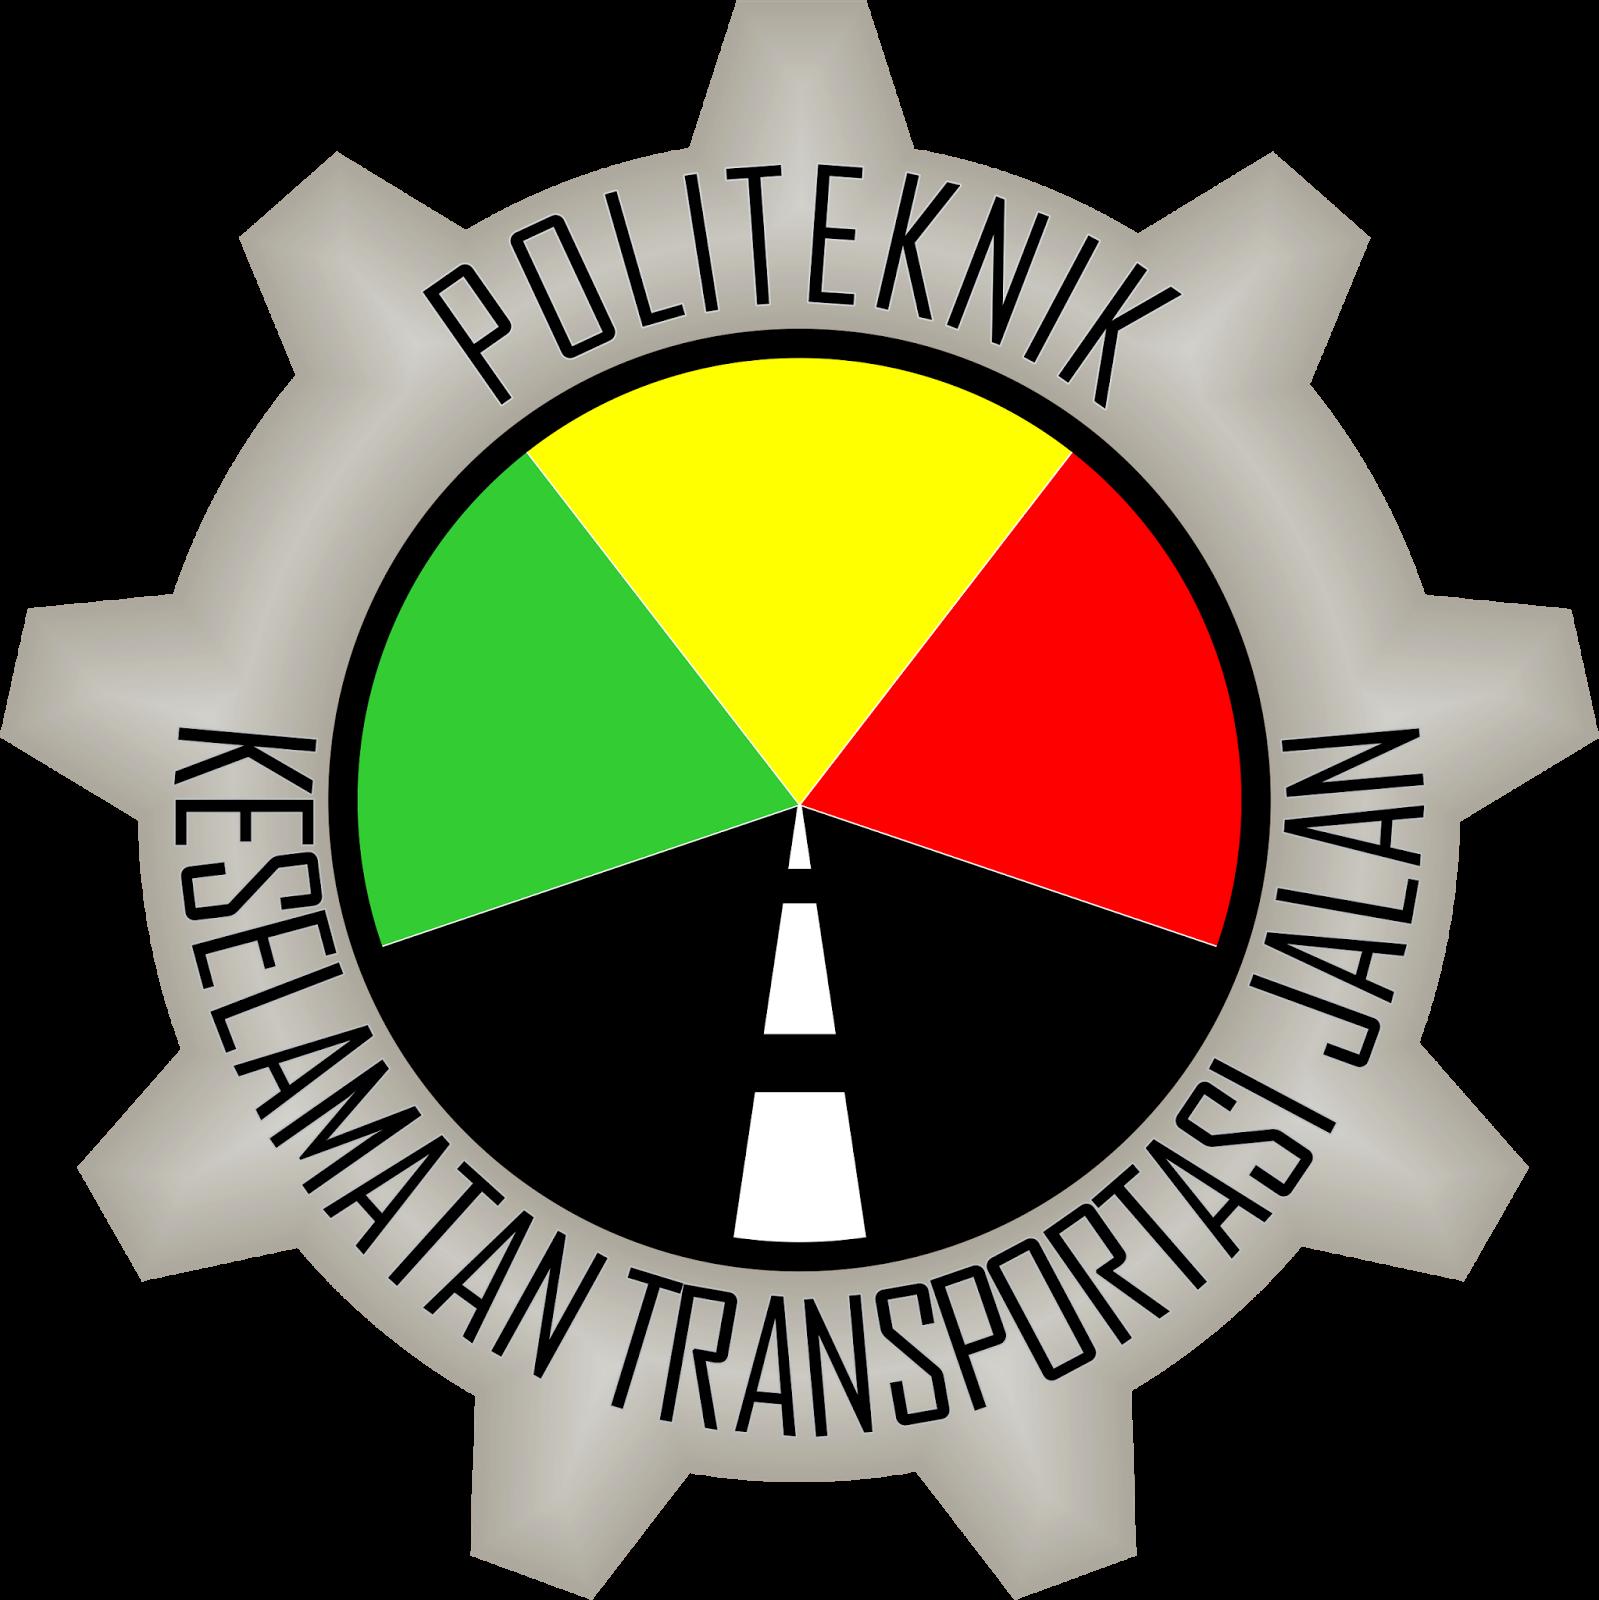 logo pktj tegal